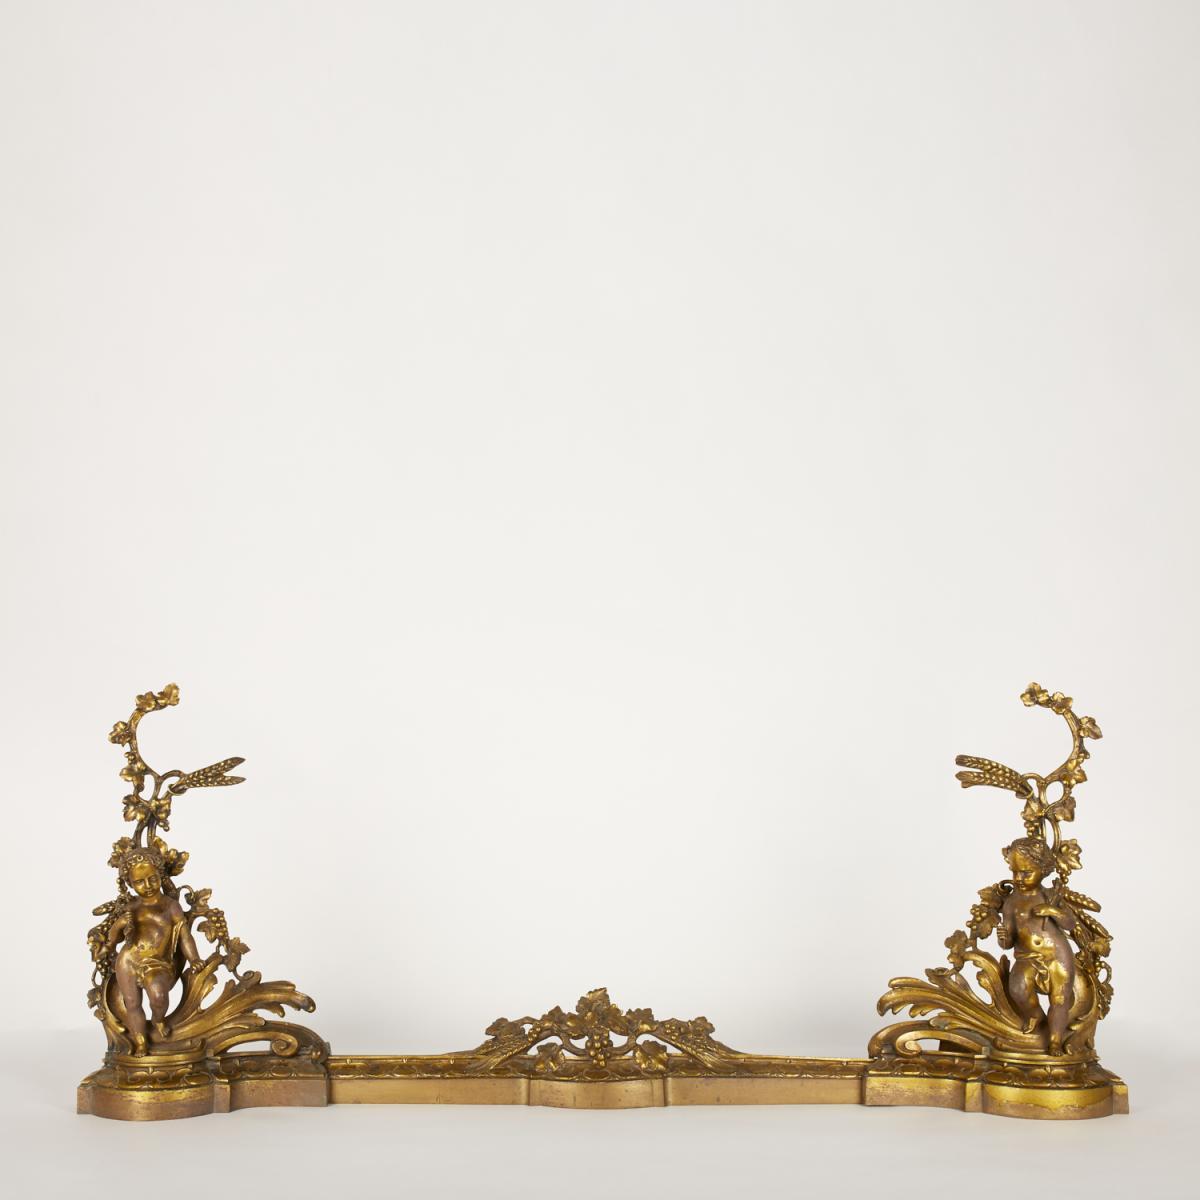 Barre de cheminée en bronze doré, XIXe